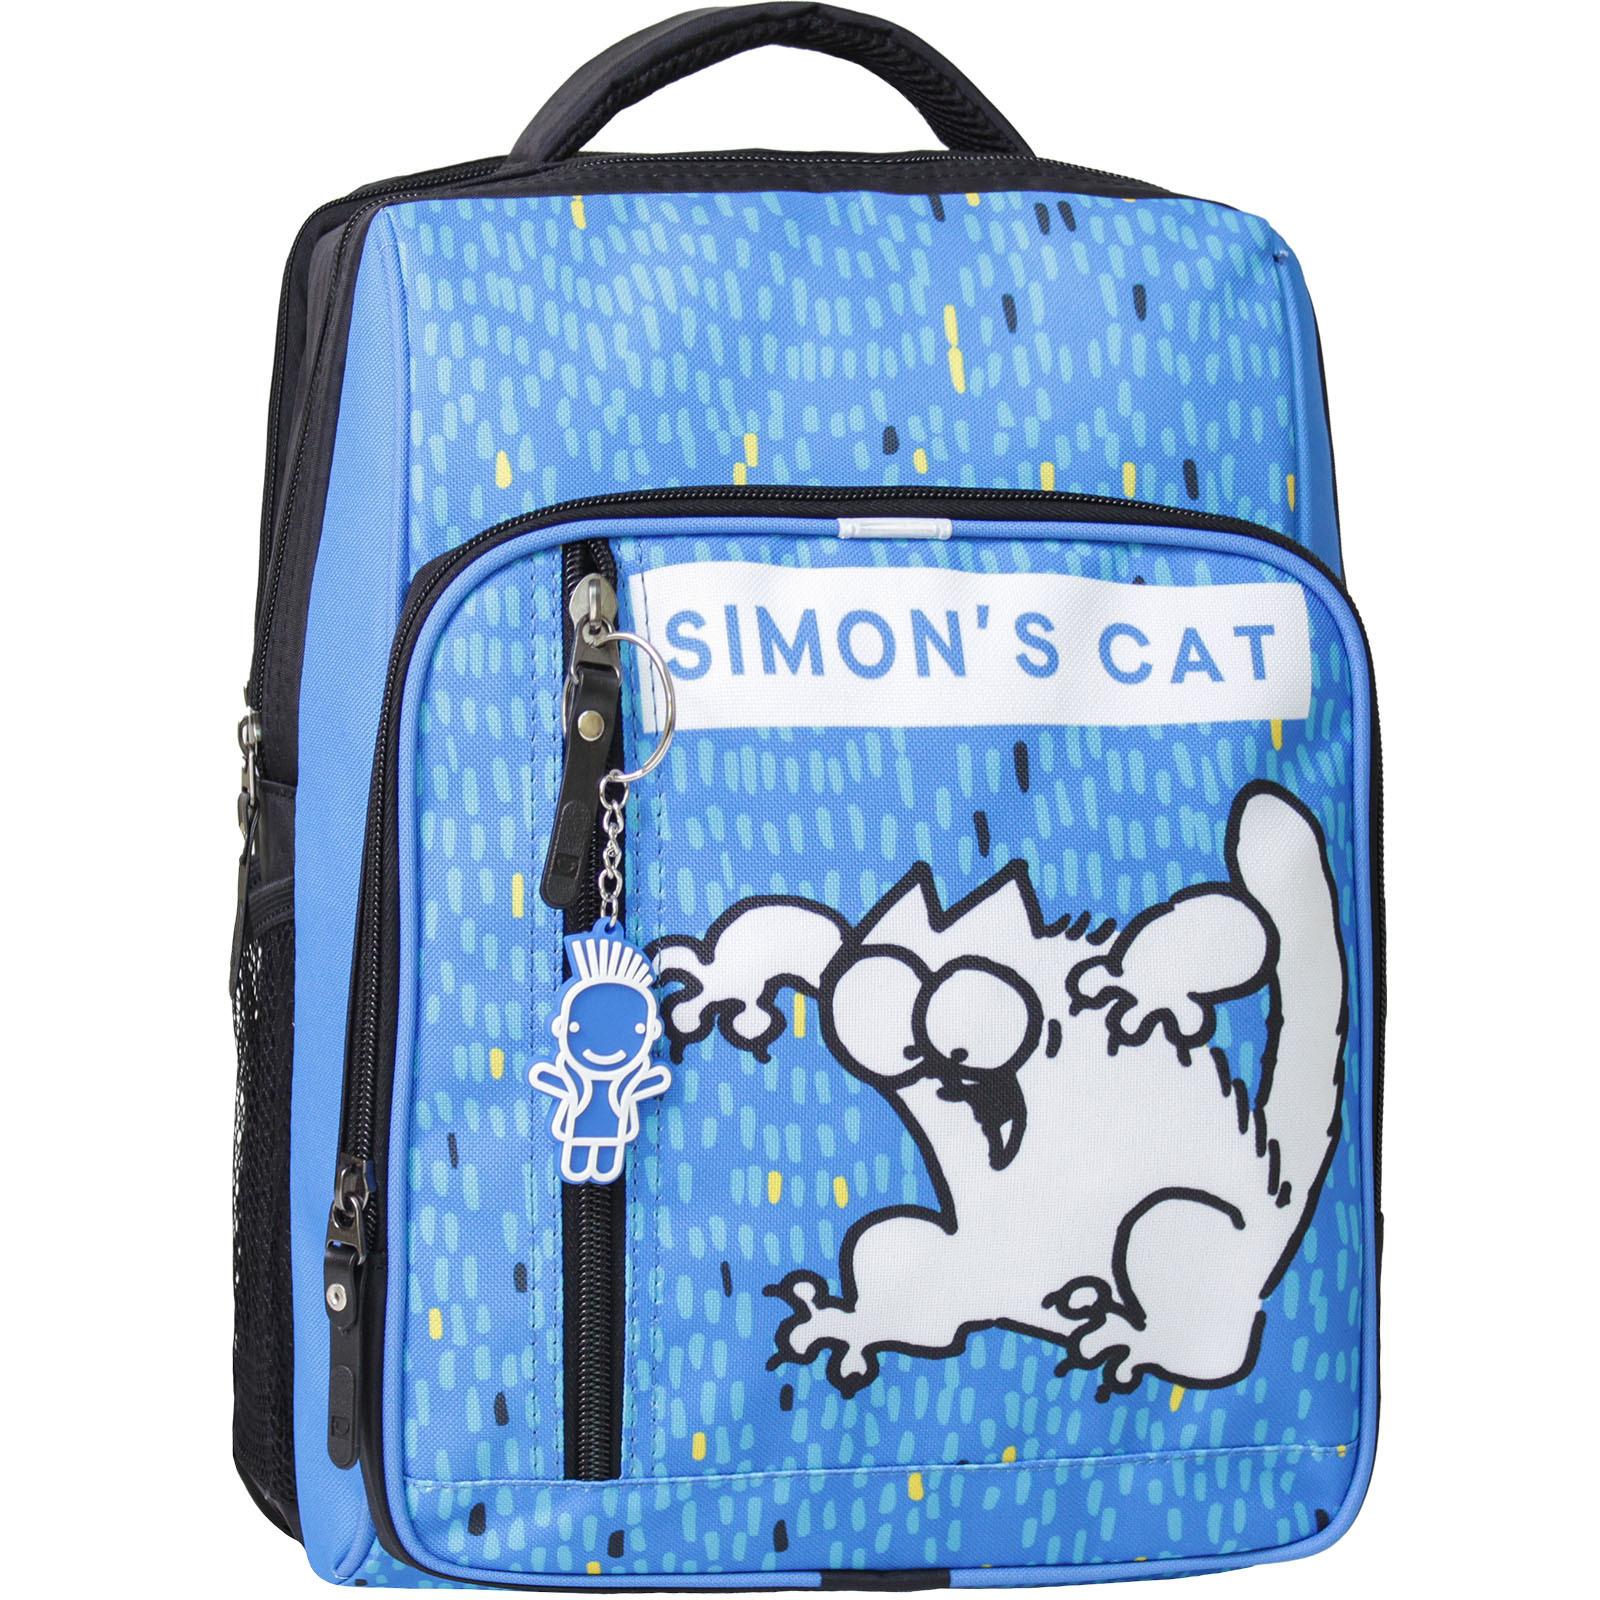 Школьные рюкзаки Рюкзак школьный Bagland Школьник 8 л. Черный 370 (0012870) IMG_5830-1600-370.jpg